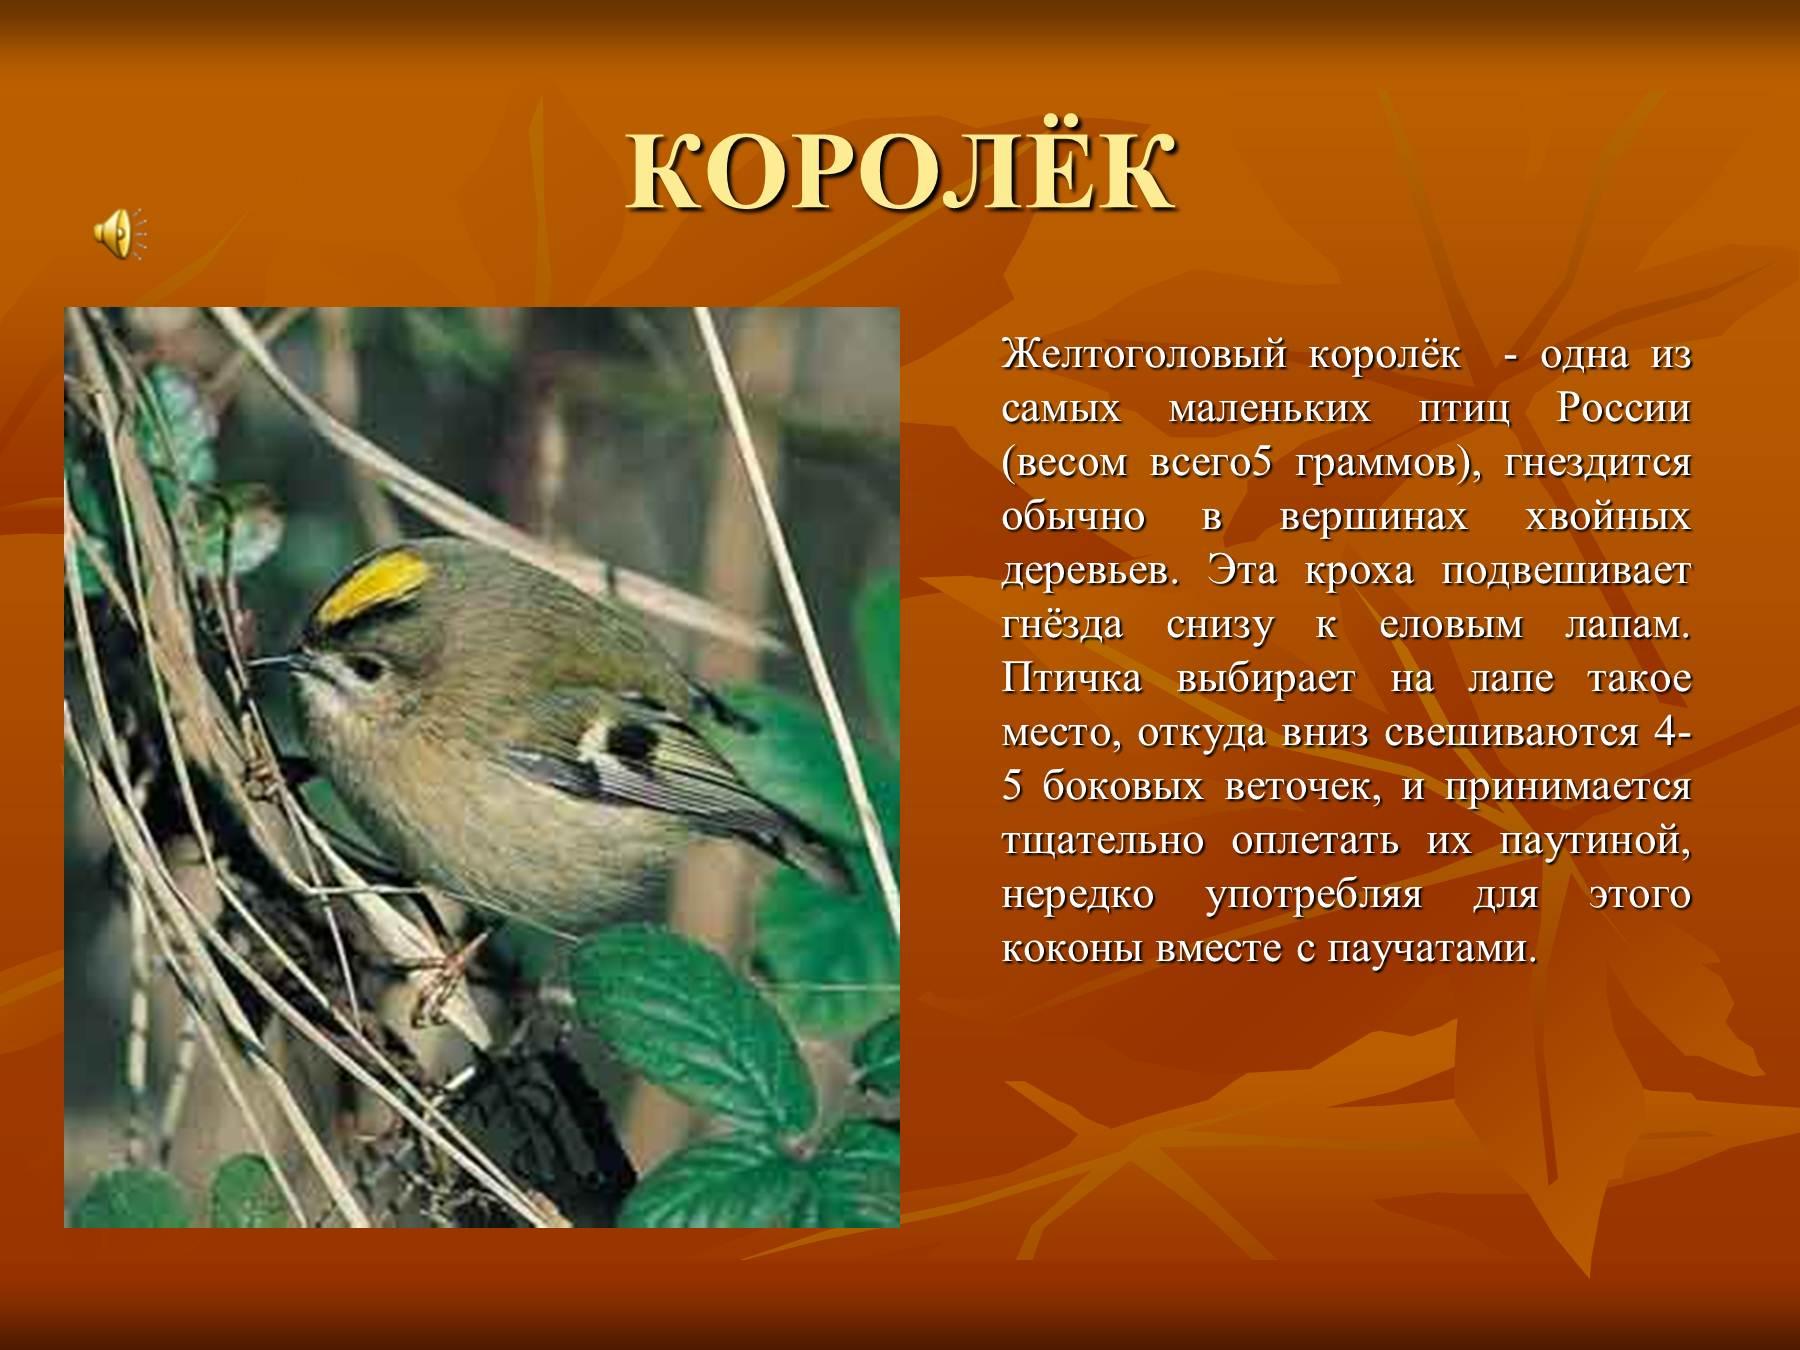 этого фото и рассказы о птицах туристы